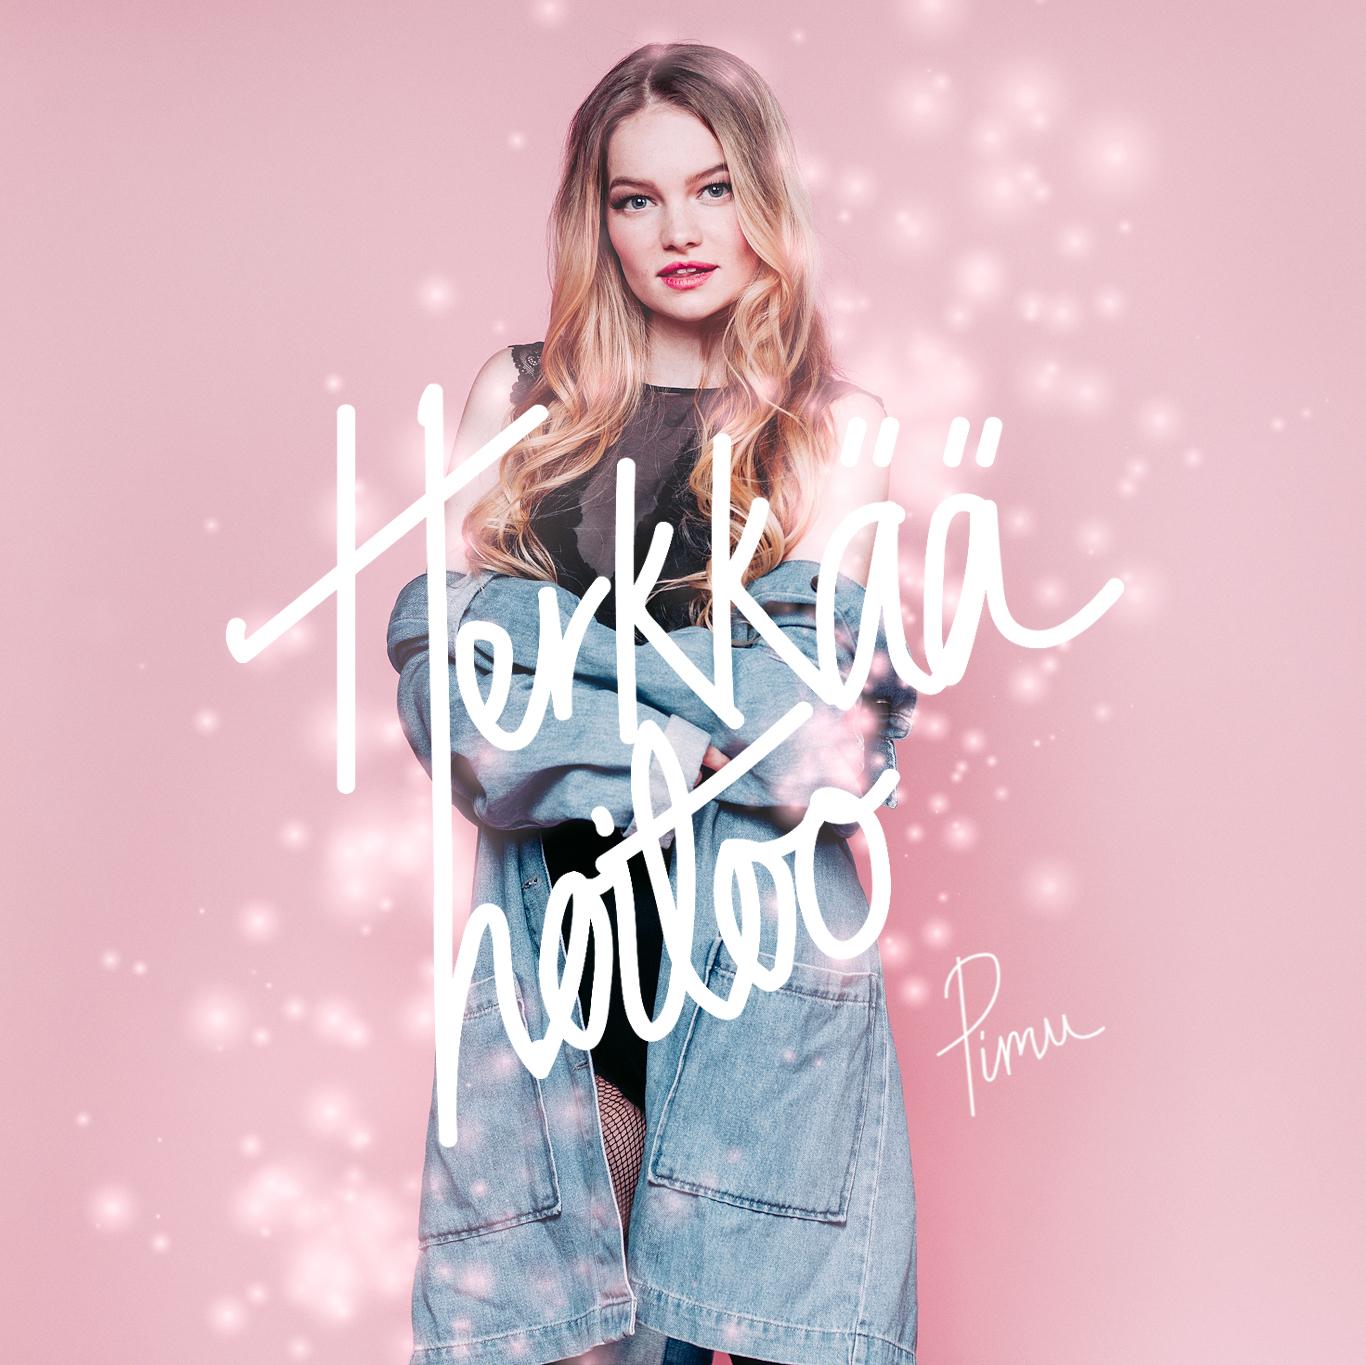 Pimu_Herkkaa_hoitoo_single_promo